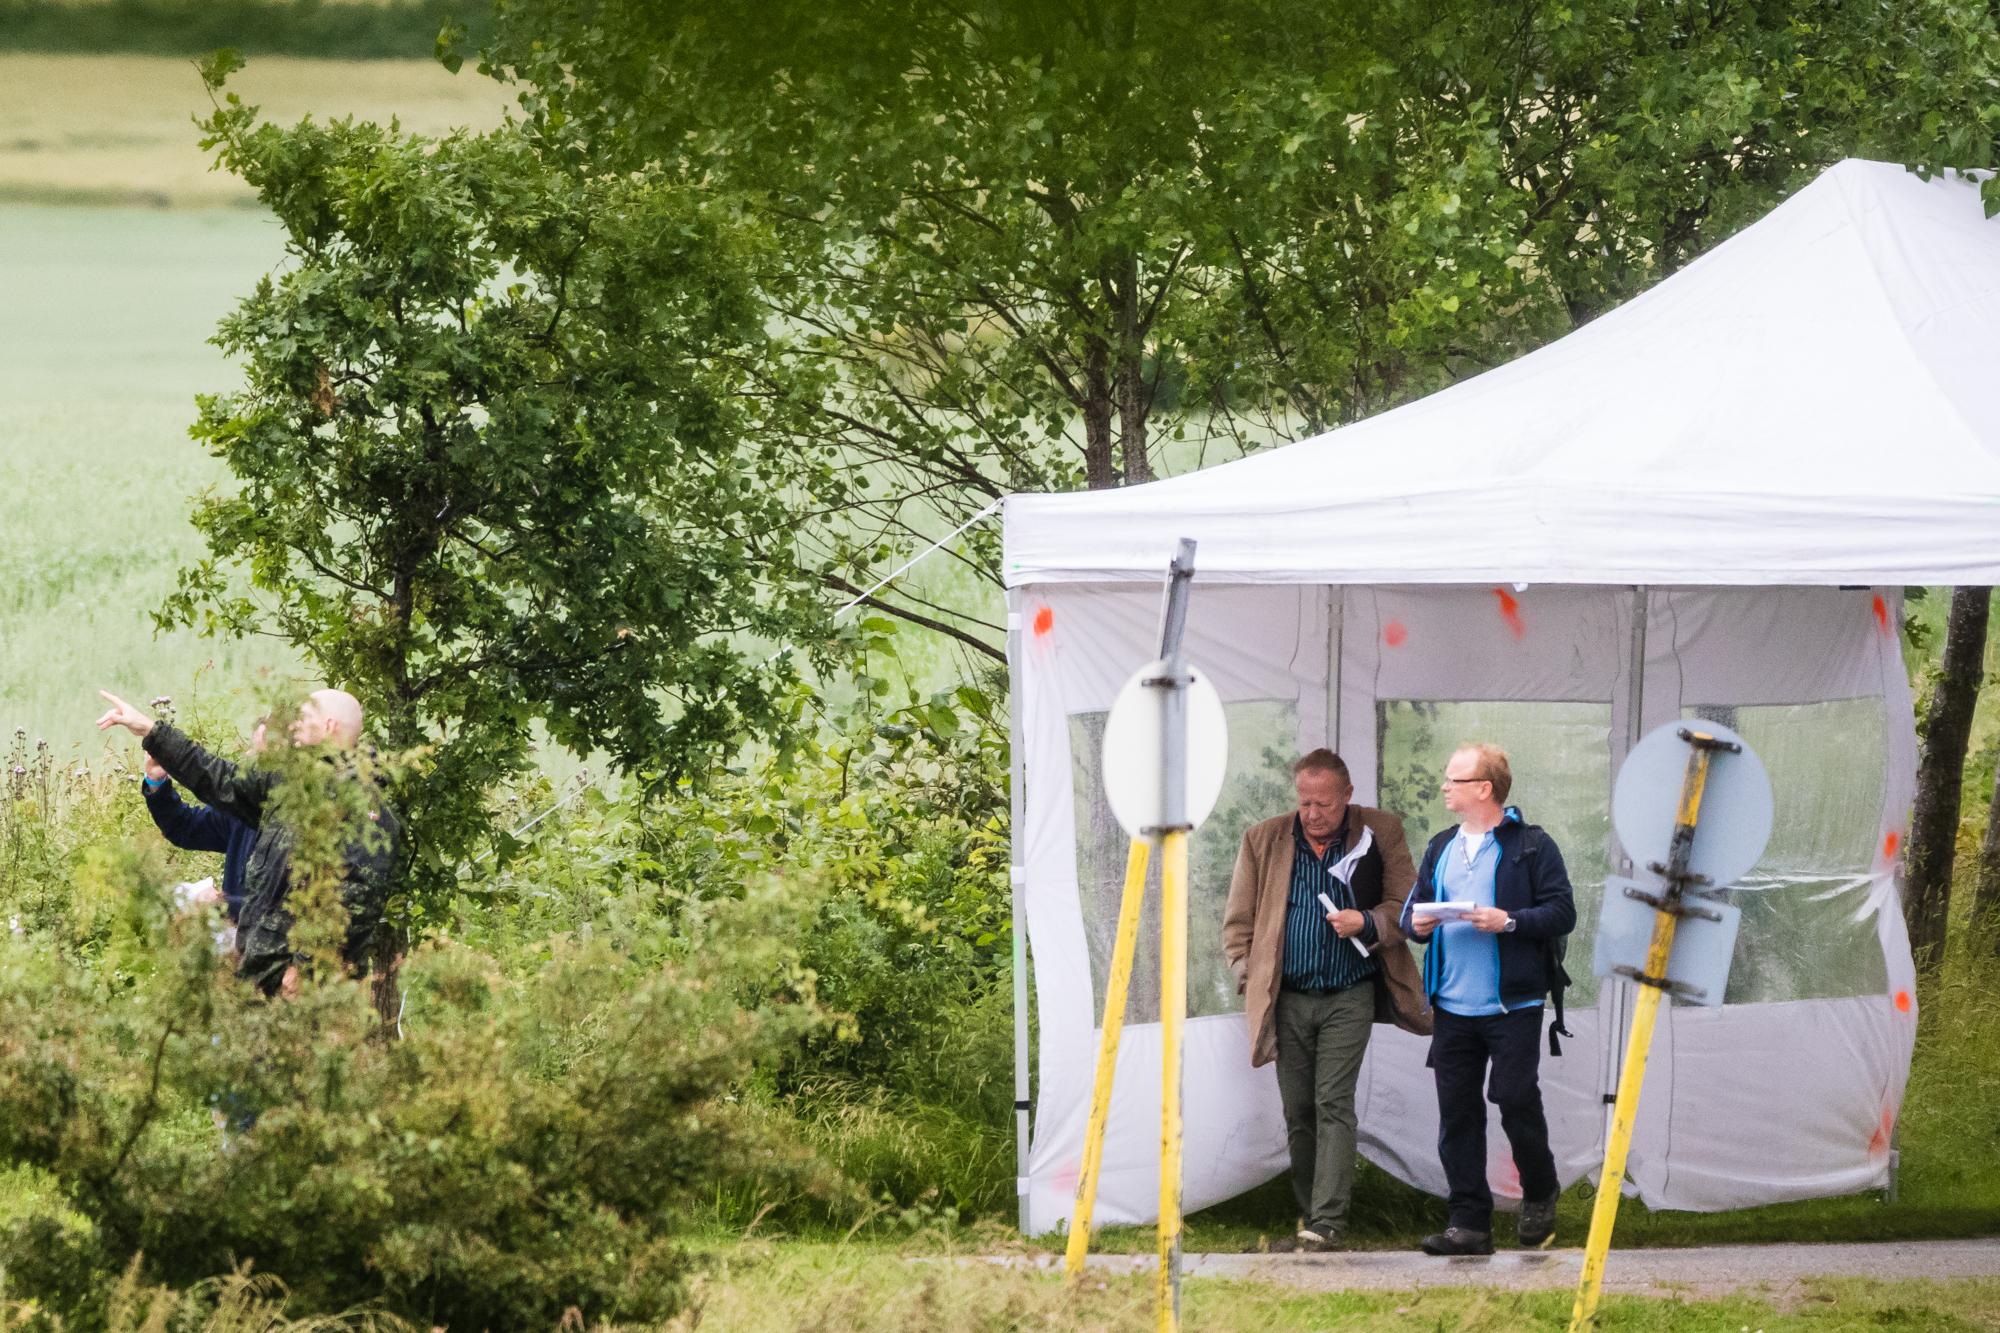 Ved ankomsten blev deltagerne taget imod blandt andre af de to For Frihed-aktivister Freddie Nygaard Larsen (blå trøje) og Chang Claus Lembirk, der tidligere i år blev ekskluderet fra Nye Borgerlige. (Foto: Researchkollektivet Redox)